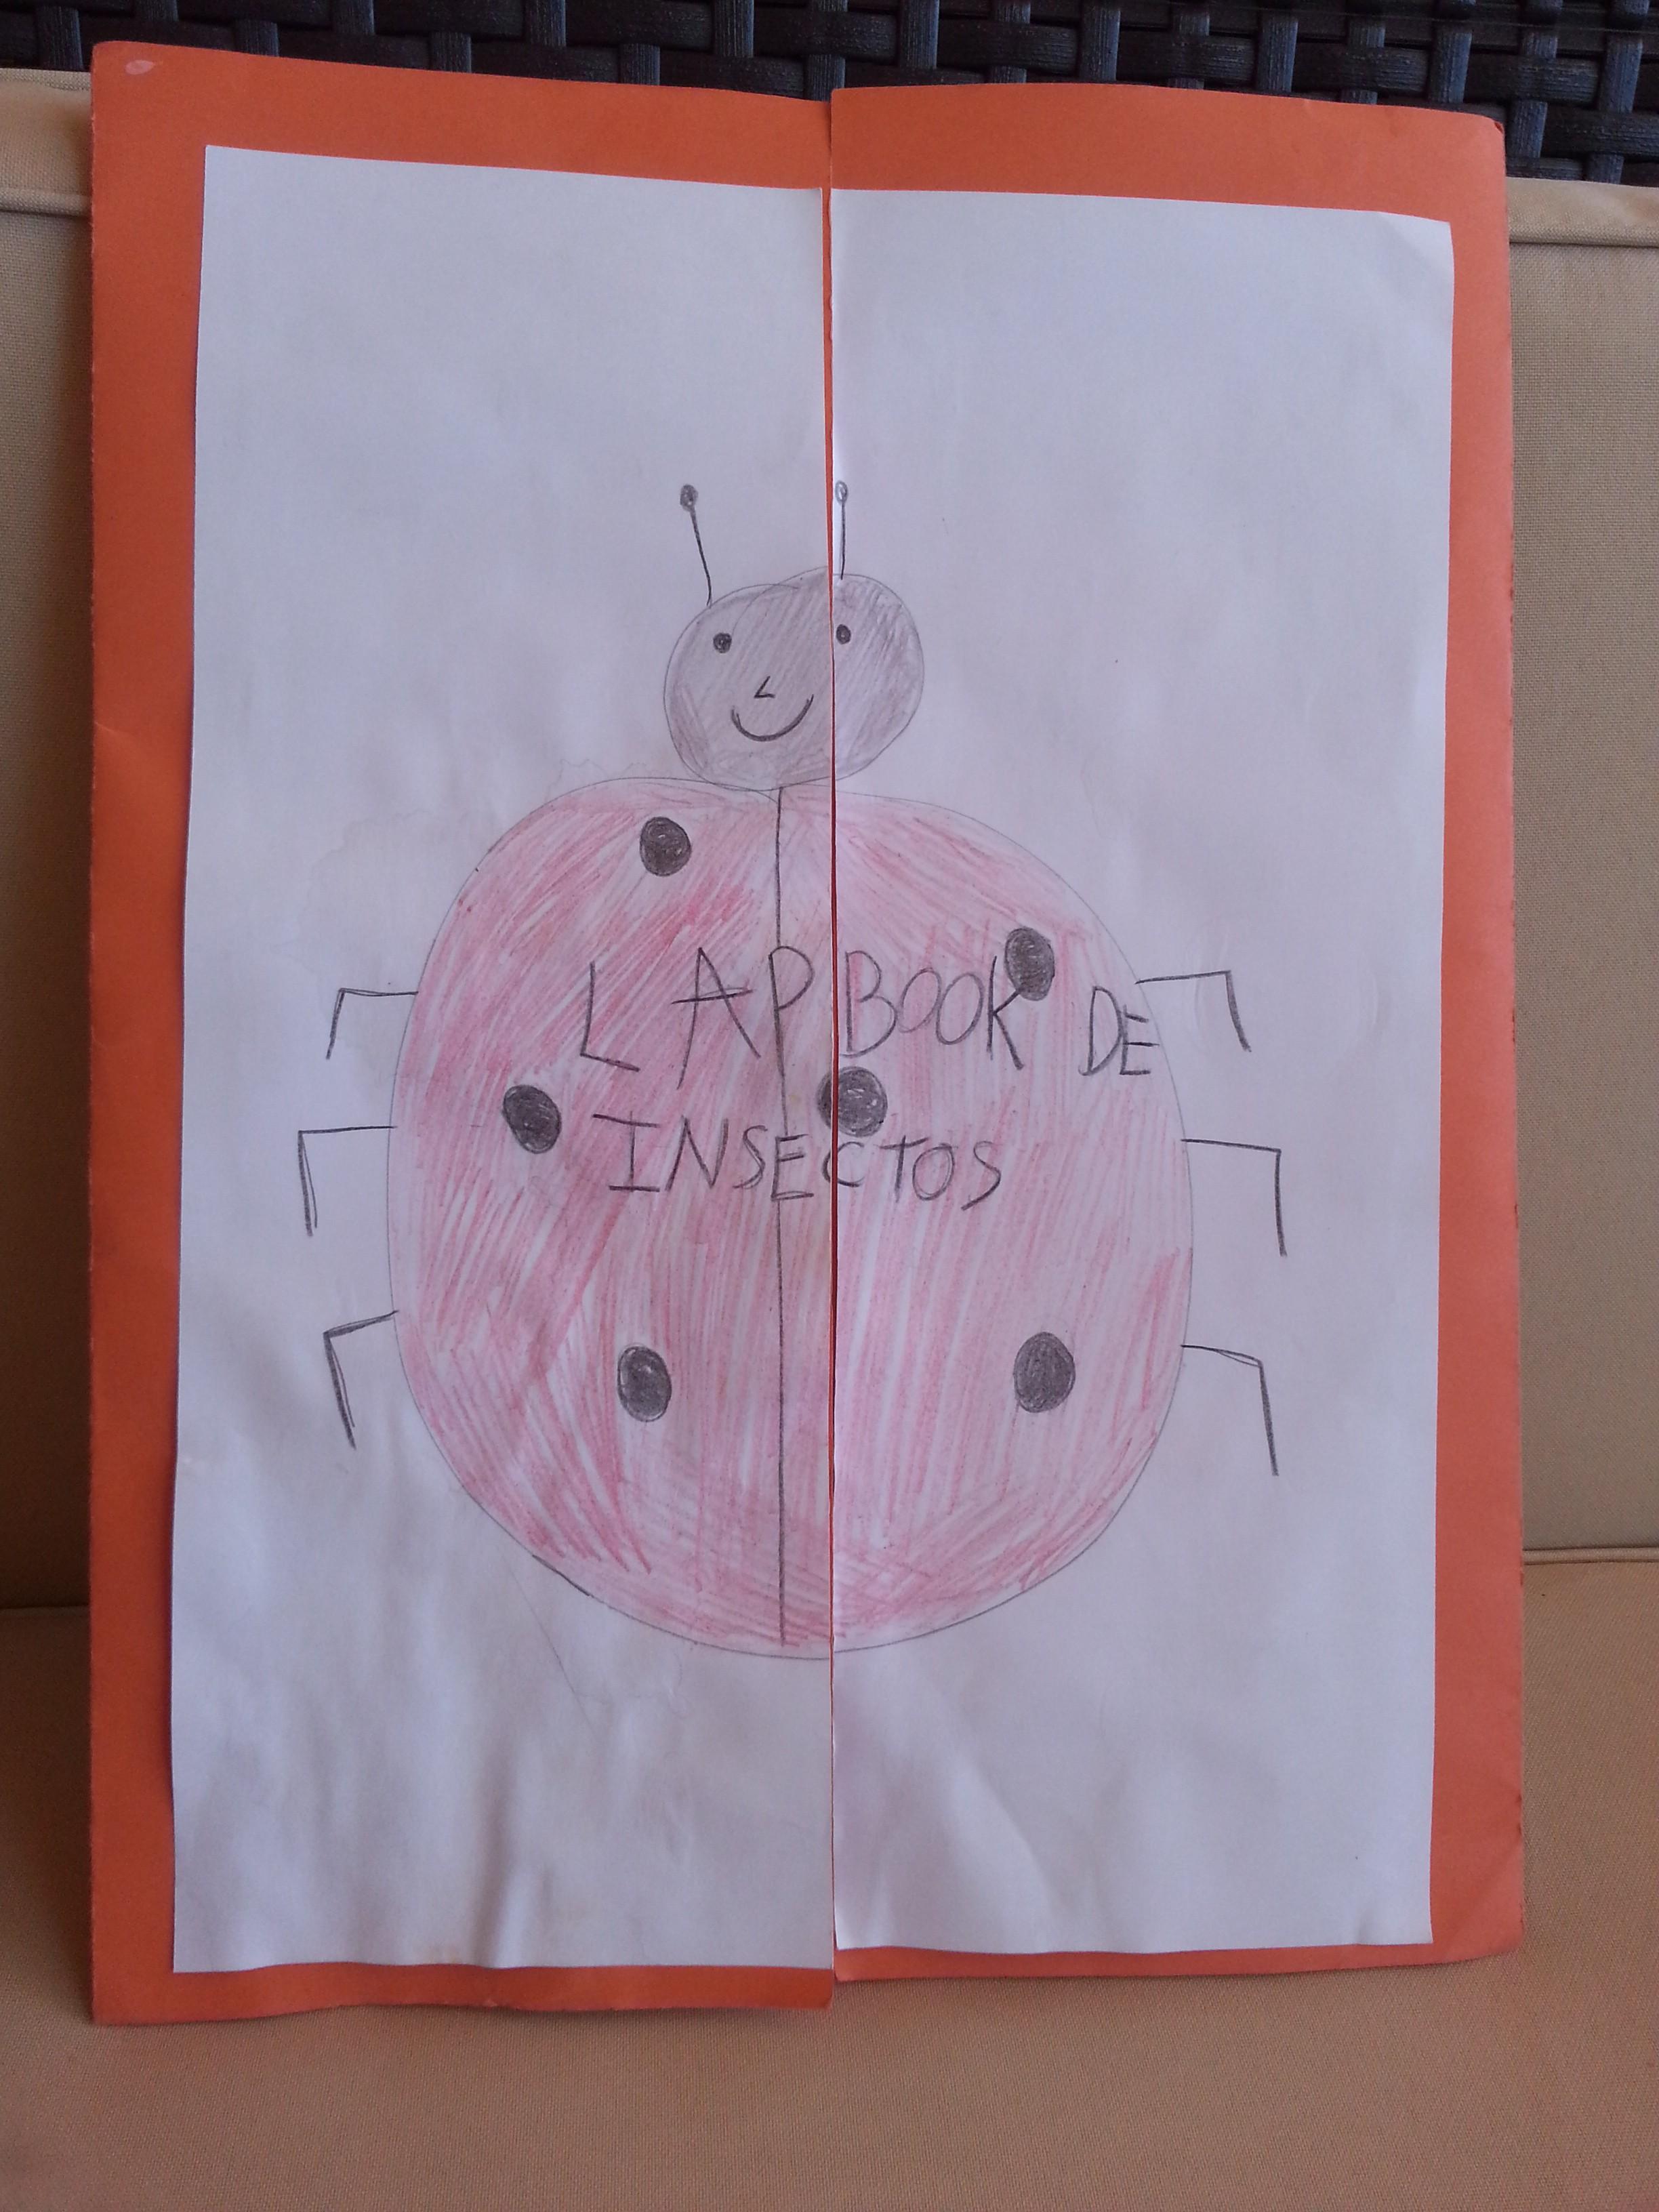 Nuestro lapbook de insectos – Maternidad Continuum